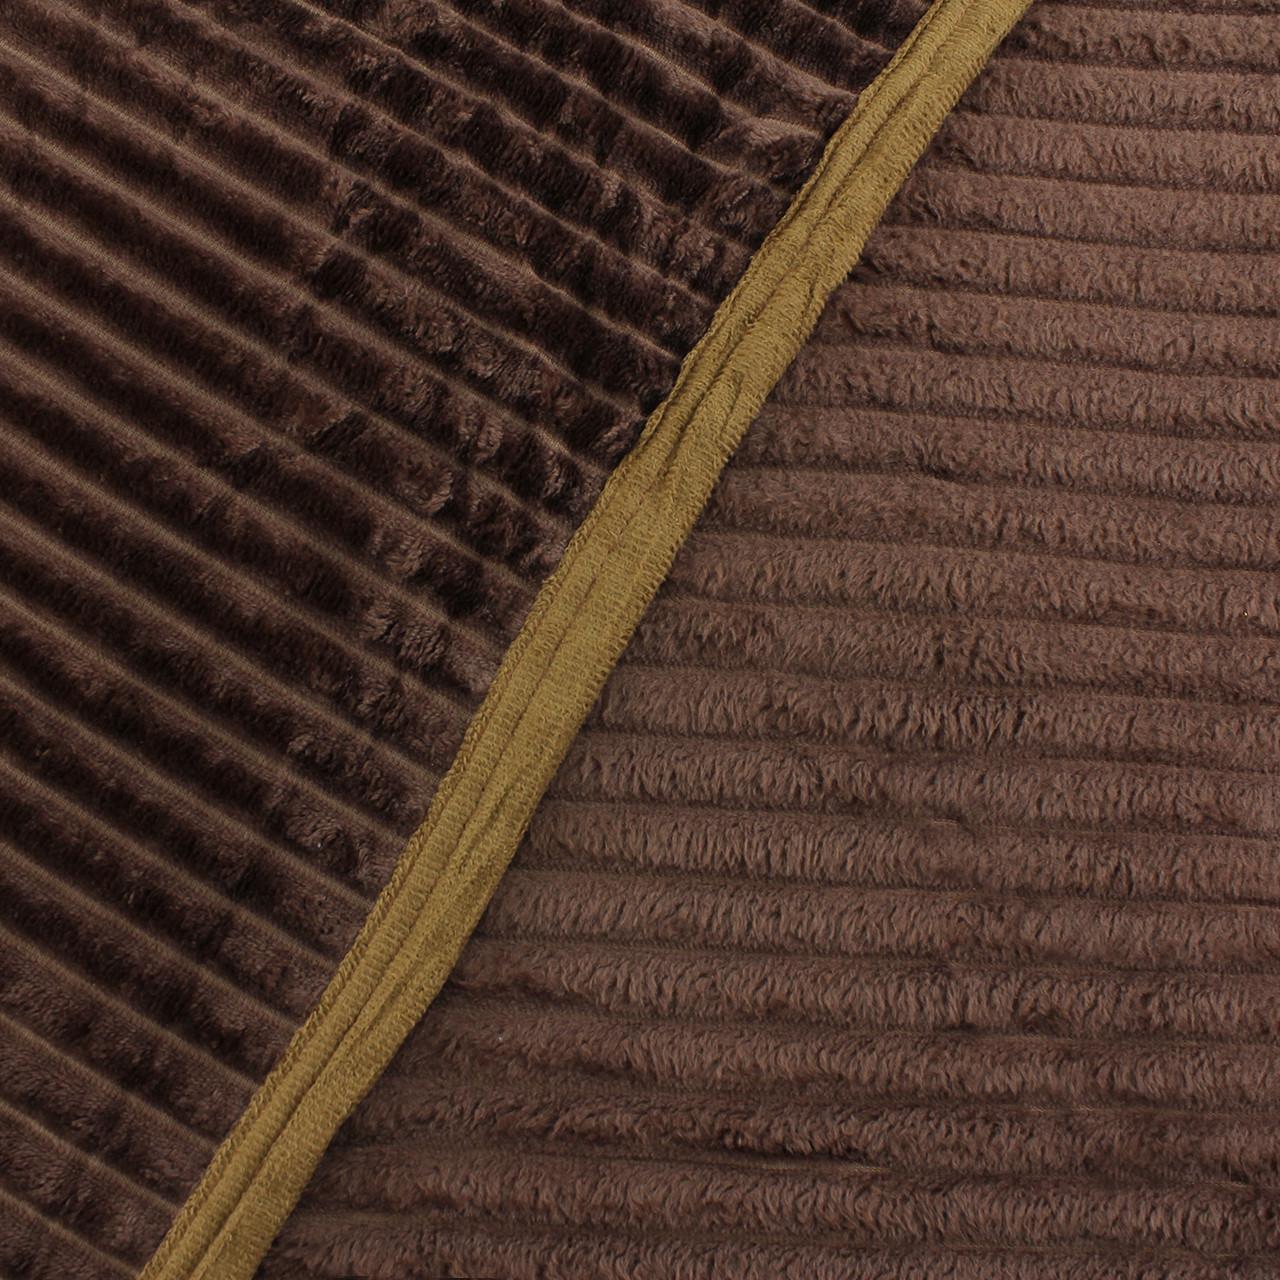 Плед коричневый шарпей покрывало из микрофибры, однотонный плед шарпей